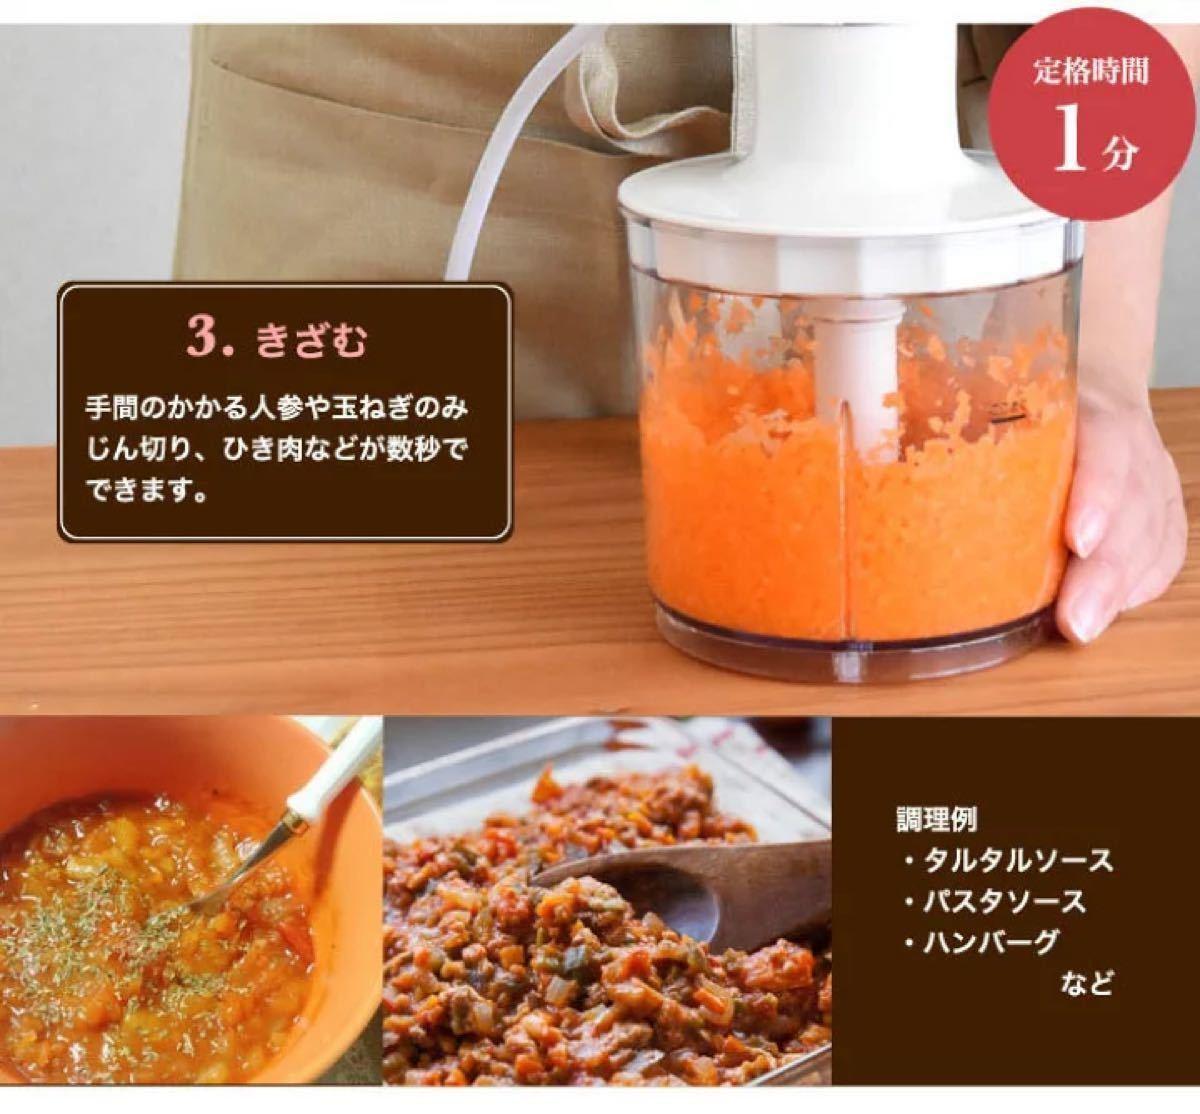 ドリテック HM-804IV ハンドブレンダー クックスティック ブレンダー ミキサー ジューサー 料理 調理 時短 ジュース